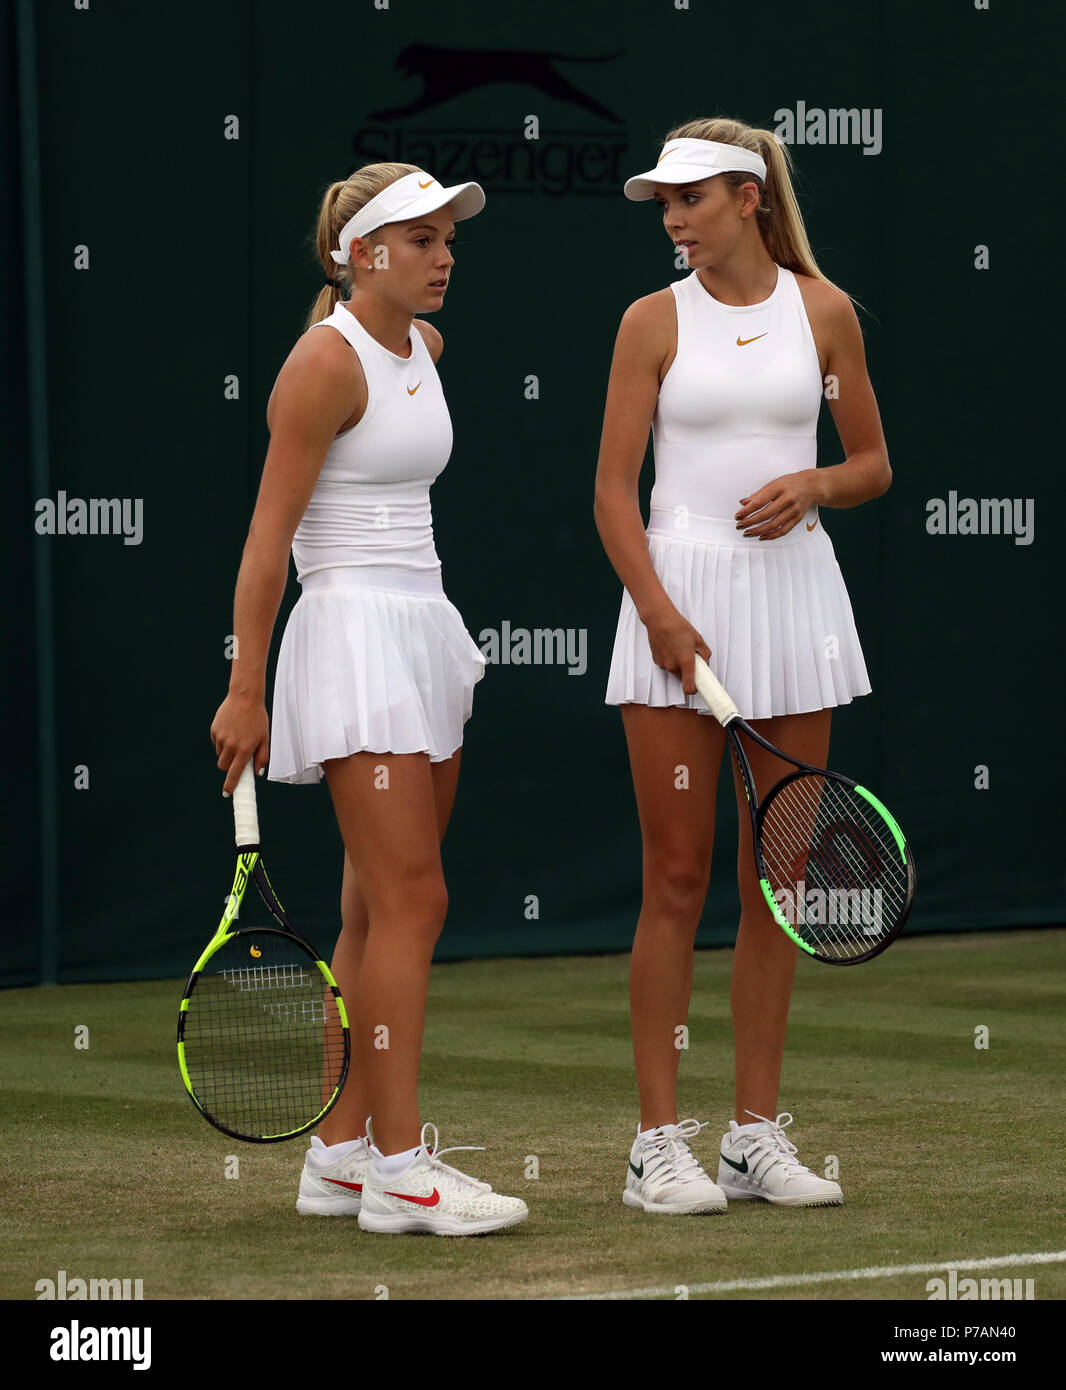 Londres, Reino Unido. 4 de julio, 2018. Katie Swan (GBR), izquierda y Katie Boulter (GBR) el día 3 de los Campeonatos de Tenis de Wimbledon, Wimbledon, Londres, el 4 de julio de 2018. Crédito: Paul Marriott/Alamy Live News Foto de stock